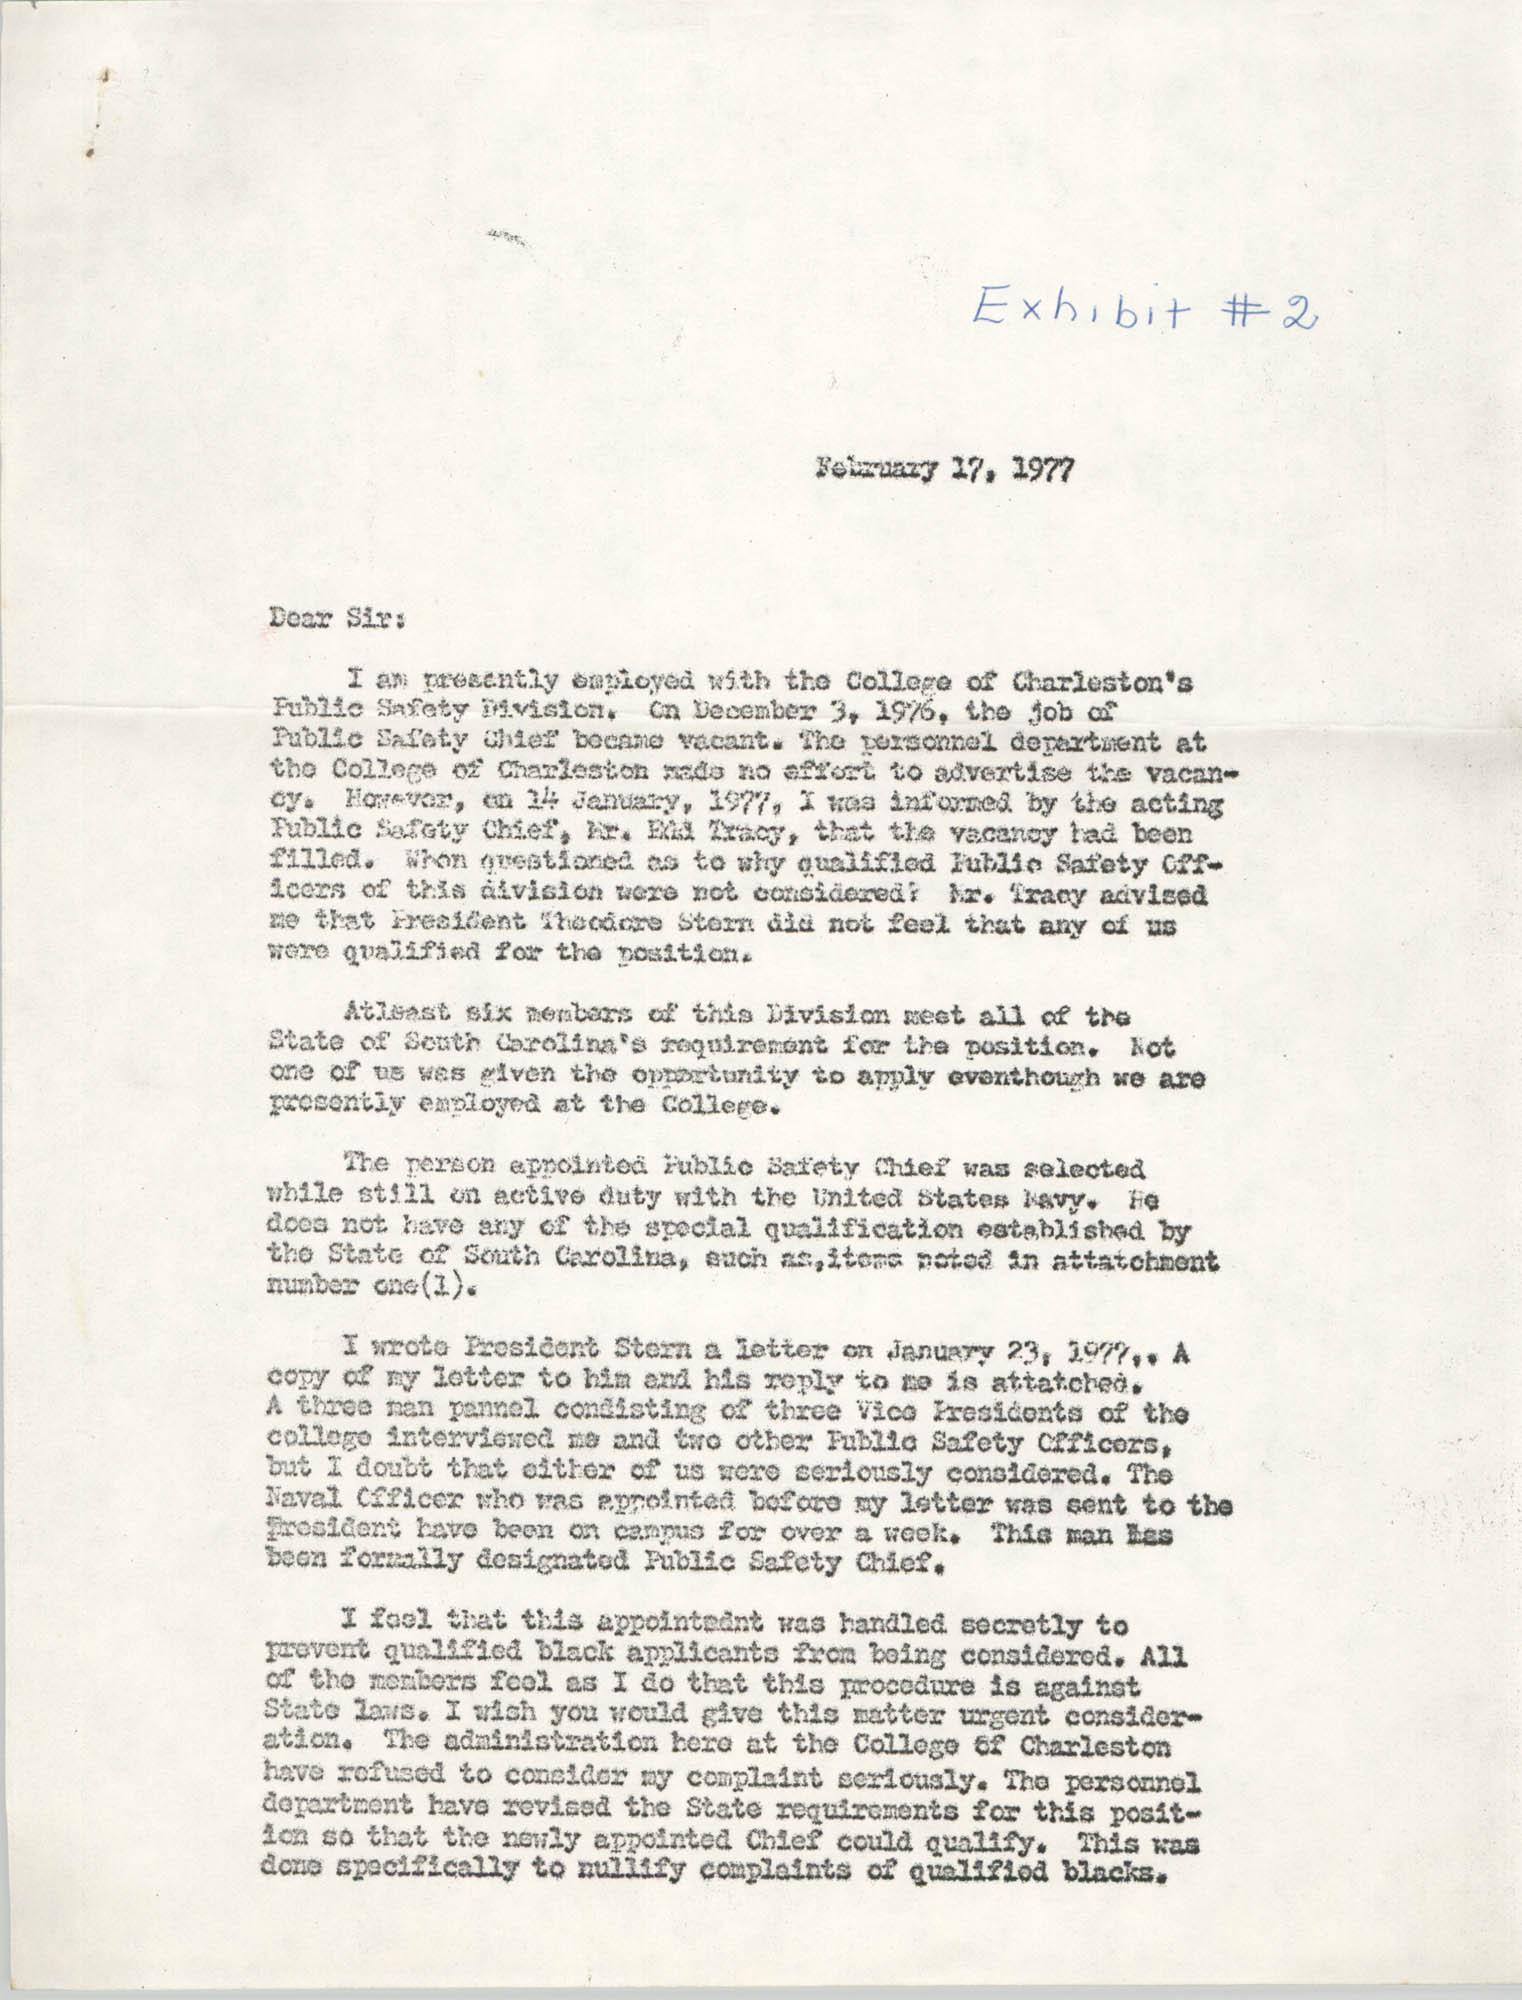 Letter from Benjamin Grant, February 17, 1977